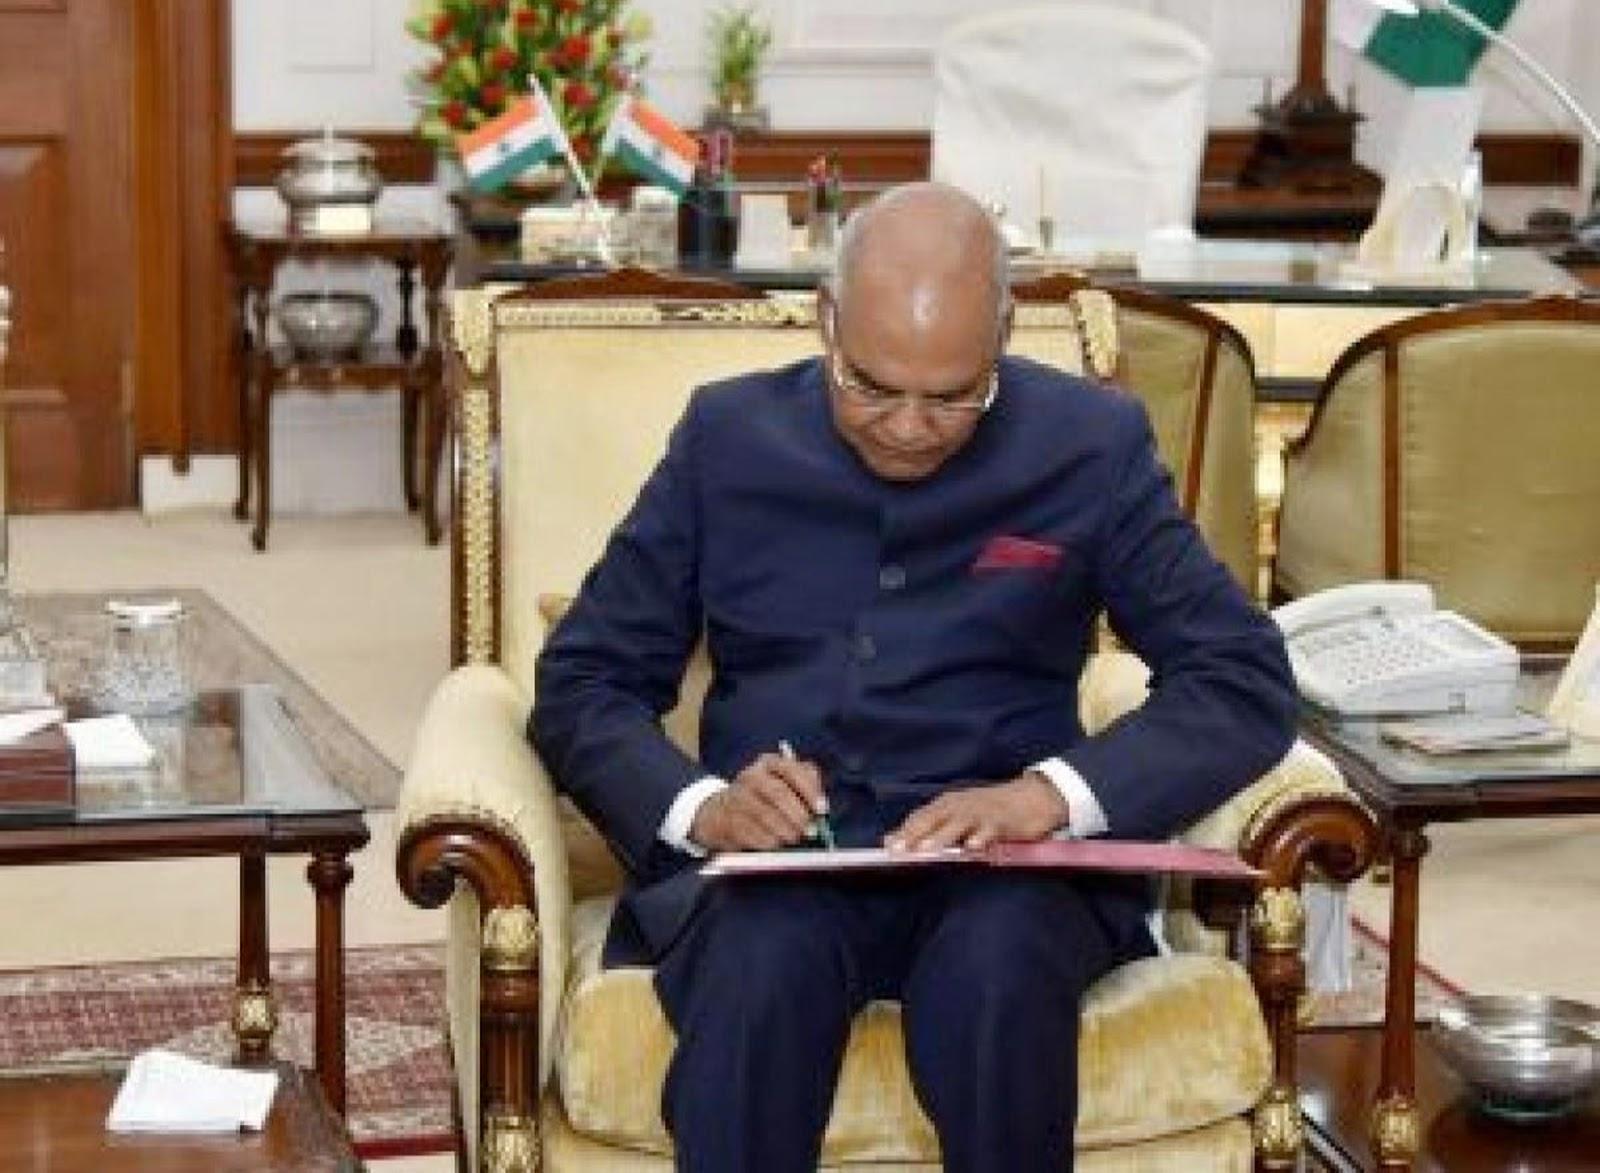 महाराष्ट्र में राष्ट्रपति शासन लागू, प्रेसिडेंट रामनाथ कोविंद ने दी मंजूरी